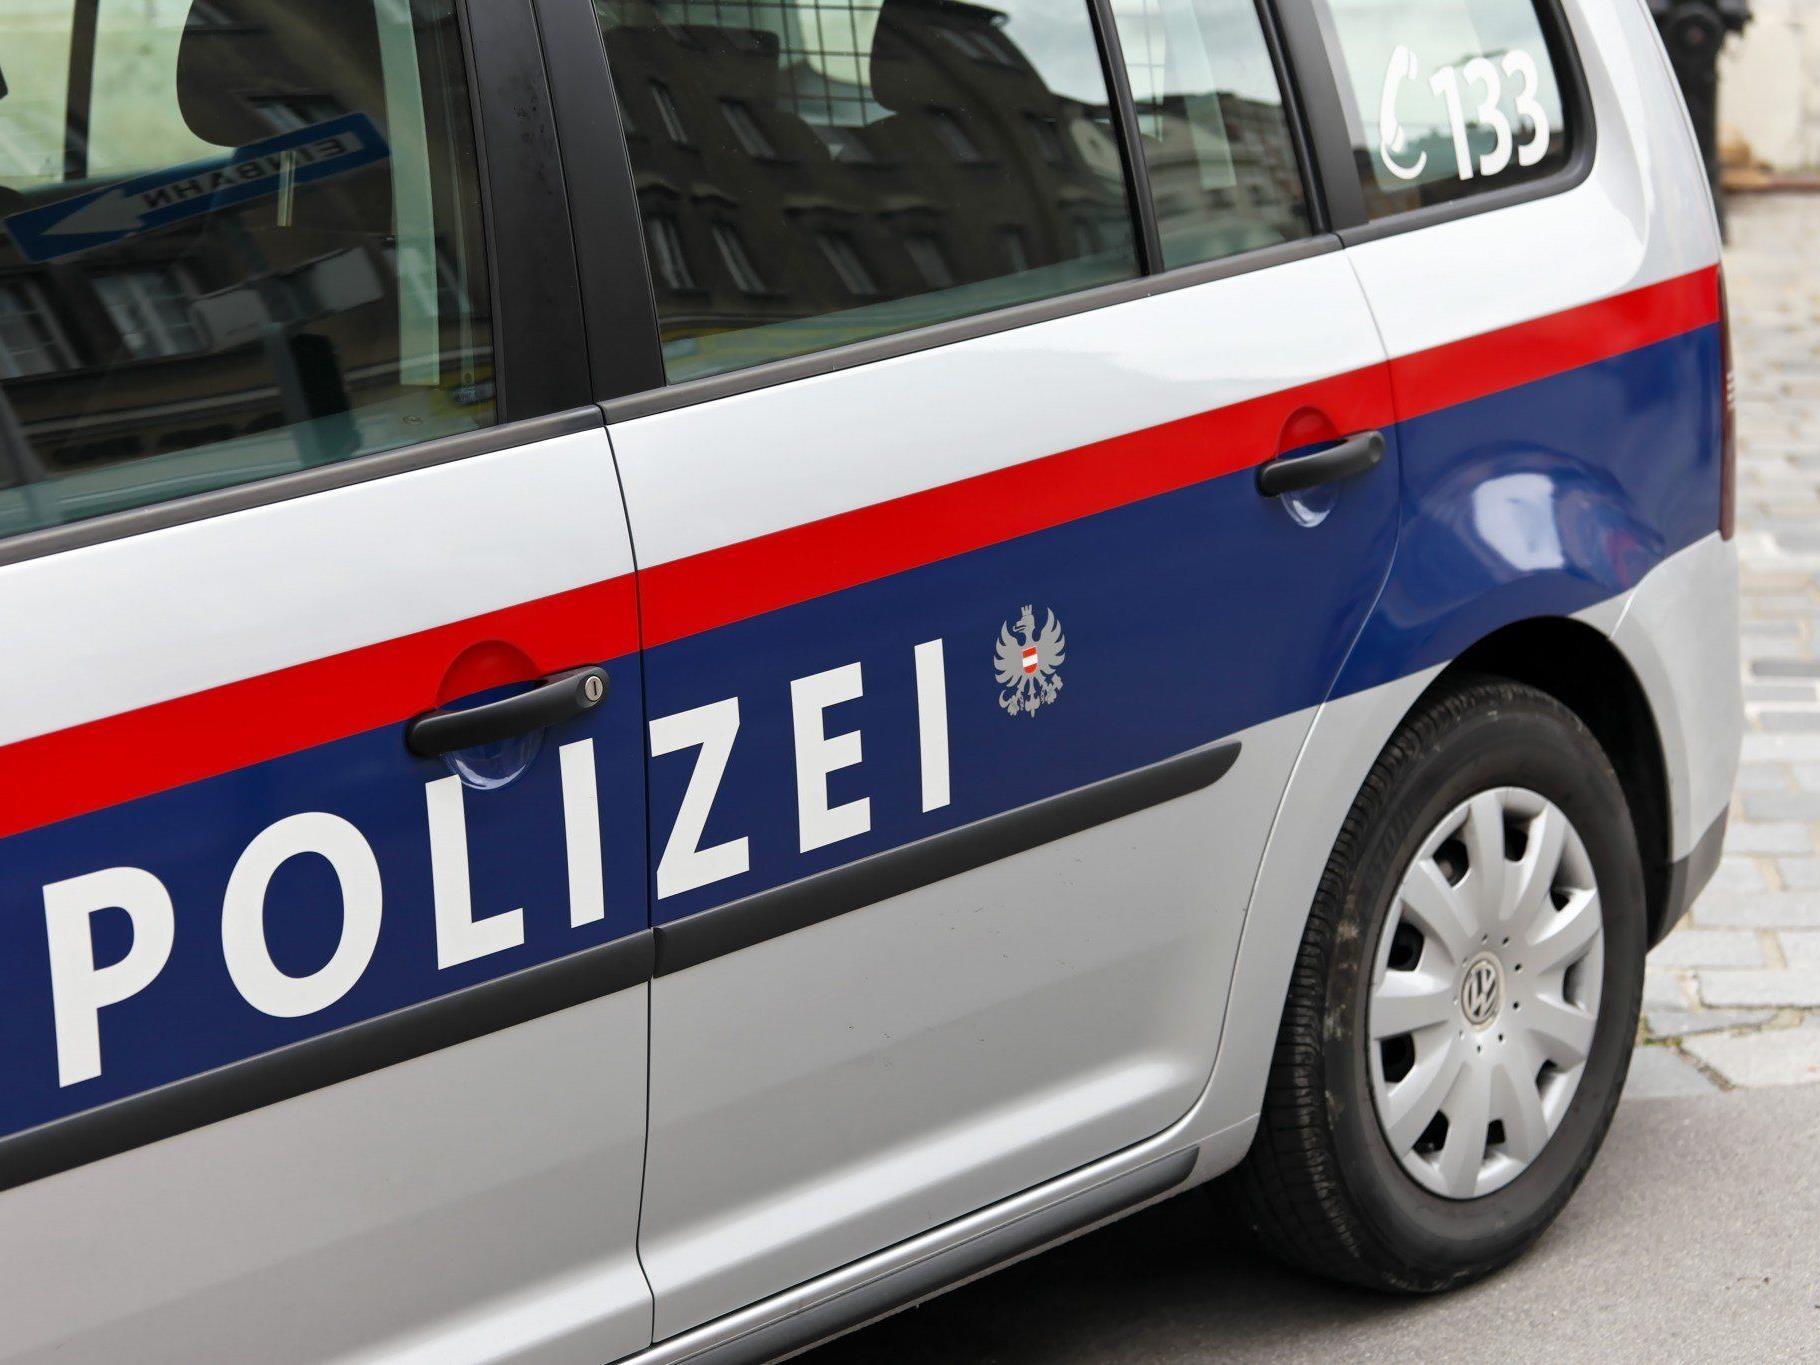 17-Jährige erstattete nach Rückkehr aus Kroatien Anzeige - 50-Jähriger wurde festgenommen.